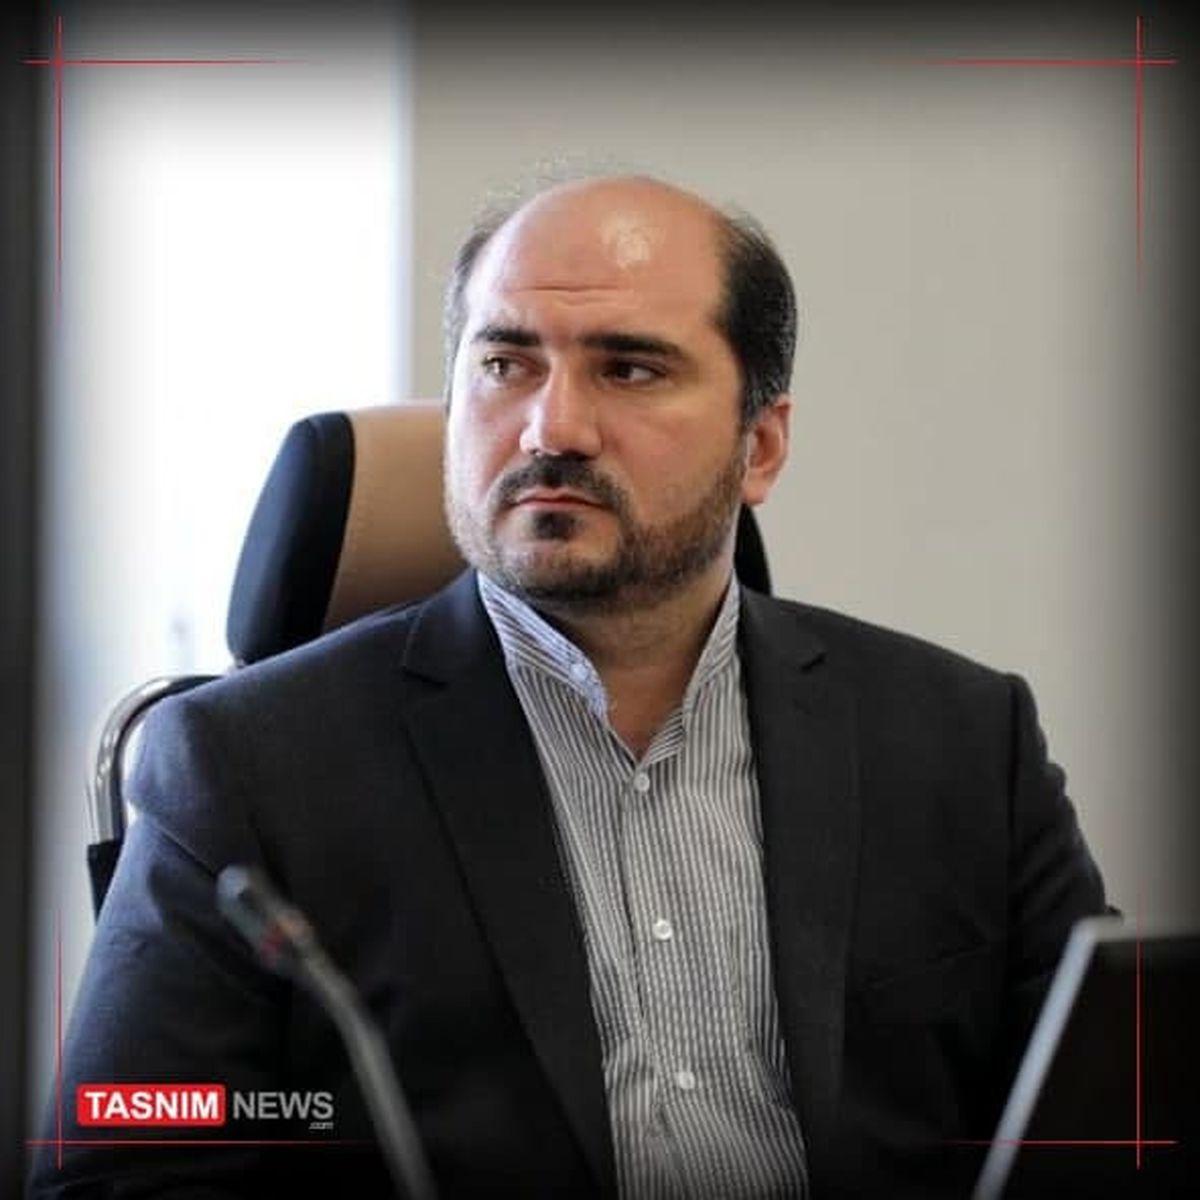 استاندار جدید تهران یک دهه شصتی شد